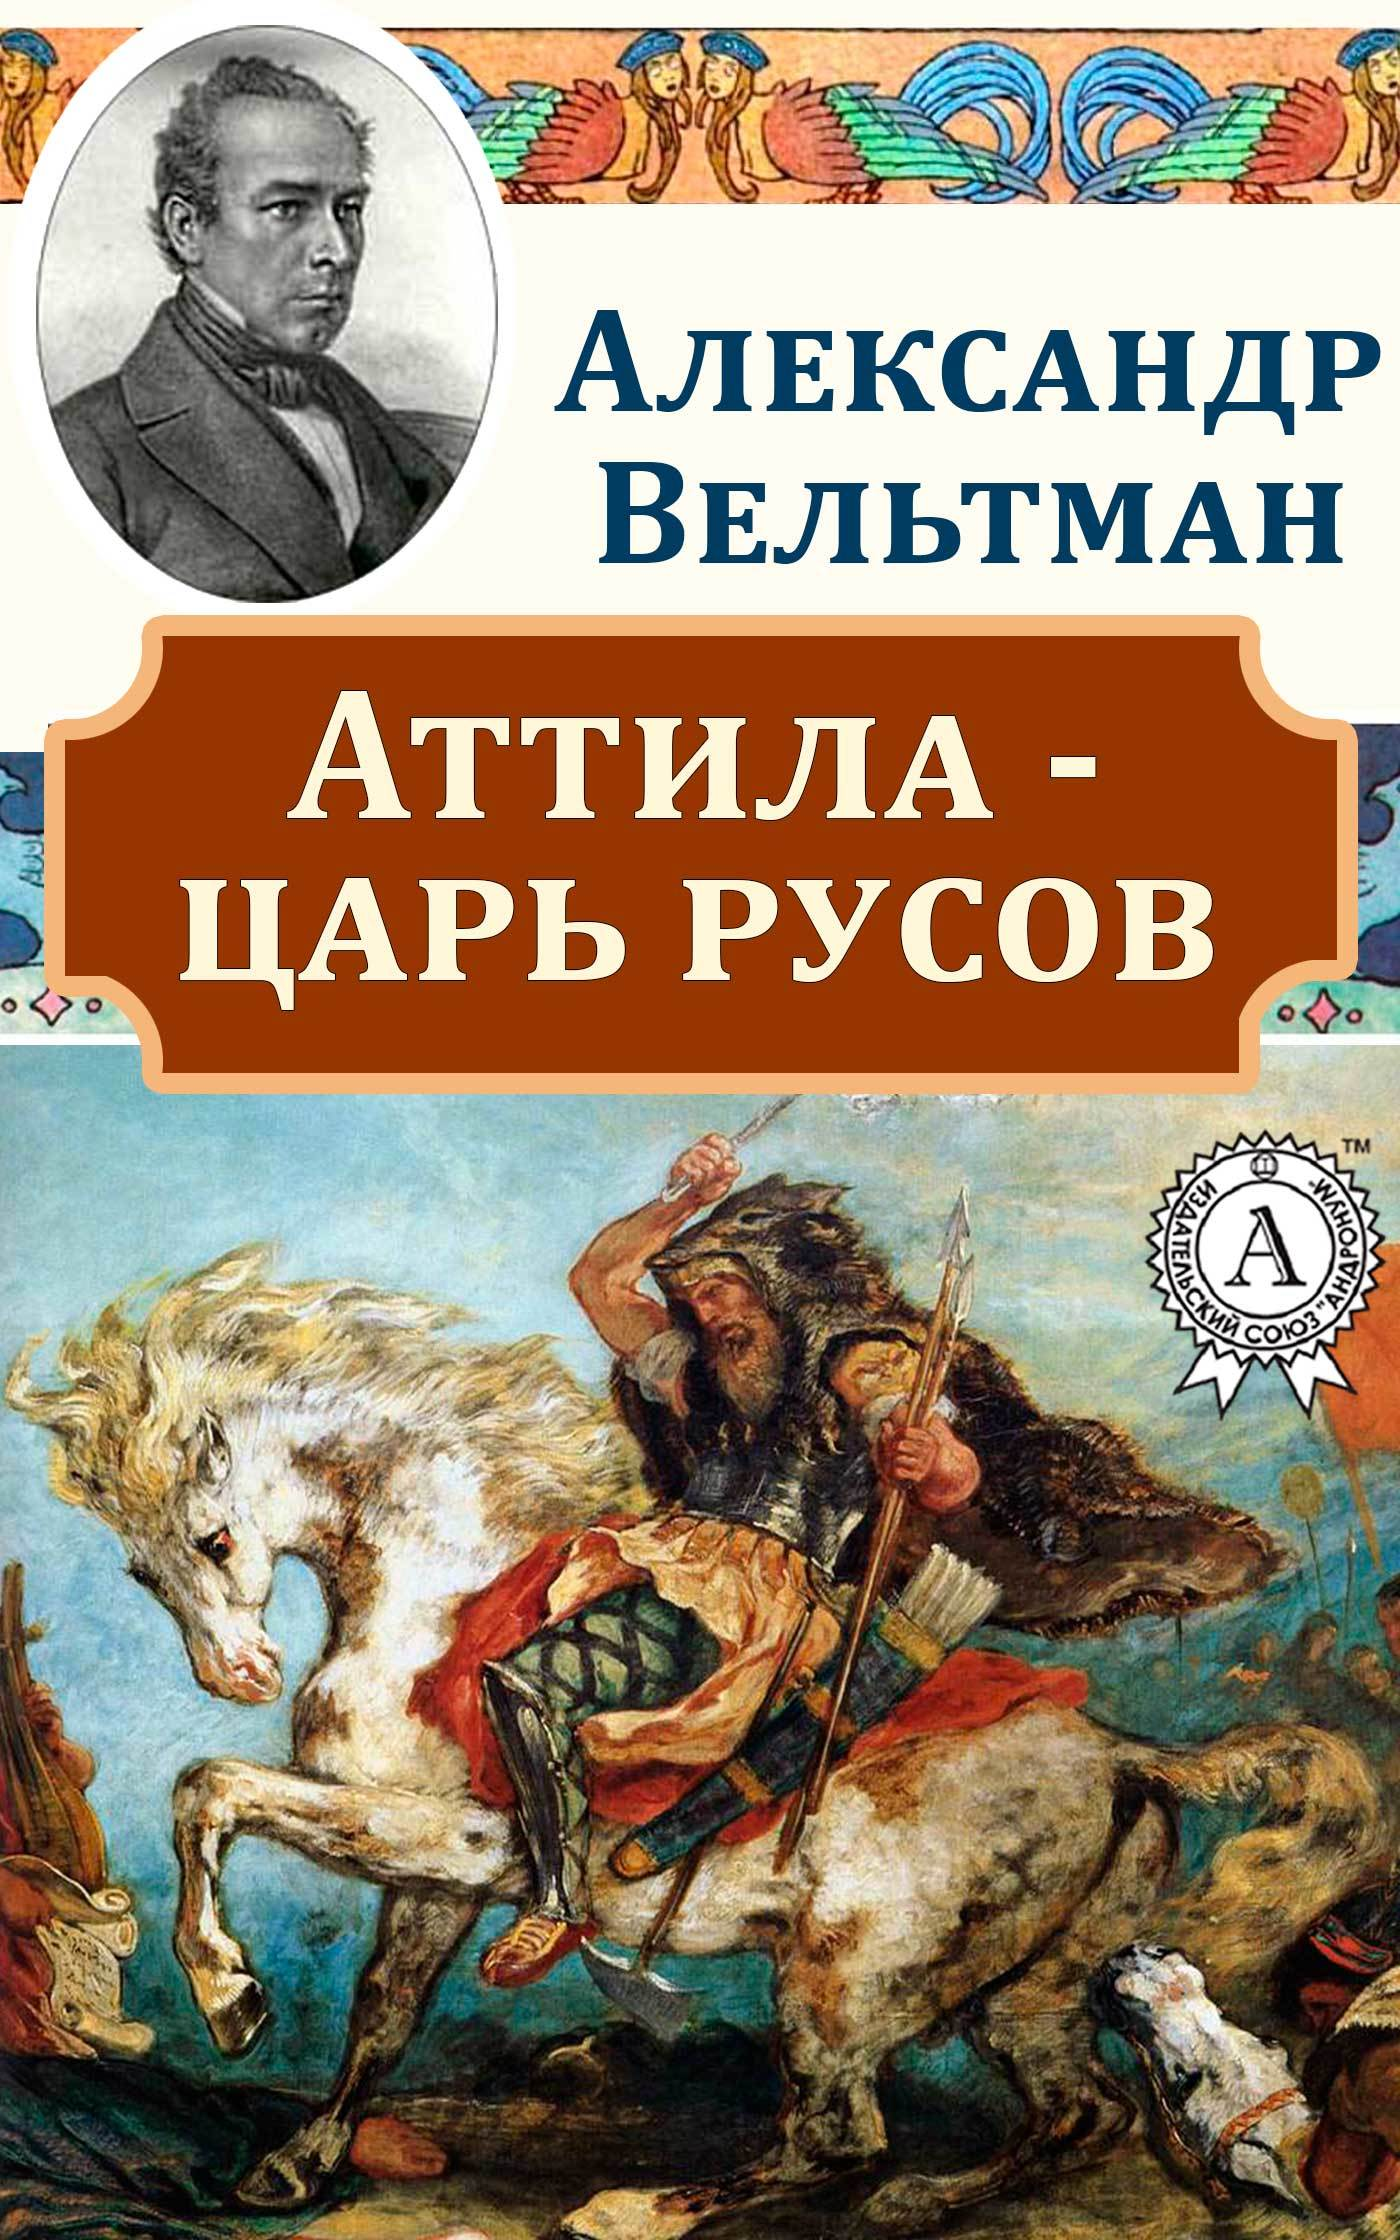 захватывающий сюжет в книге Александр Фомич Вельтман